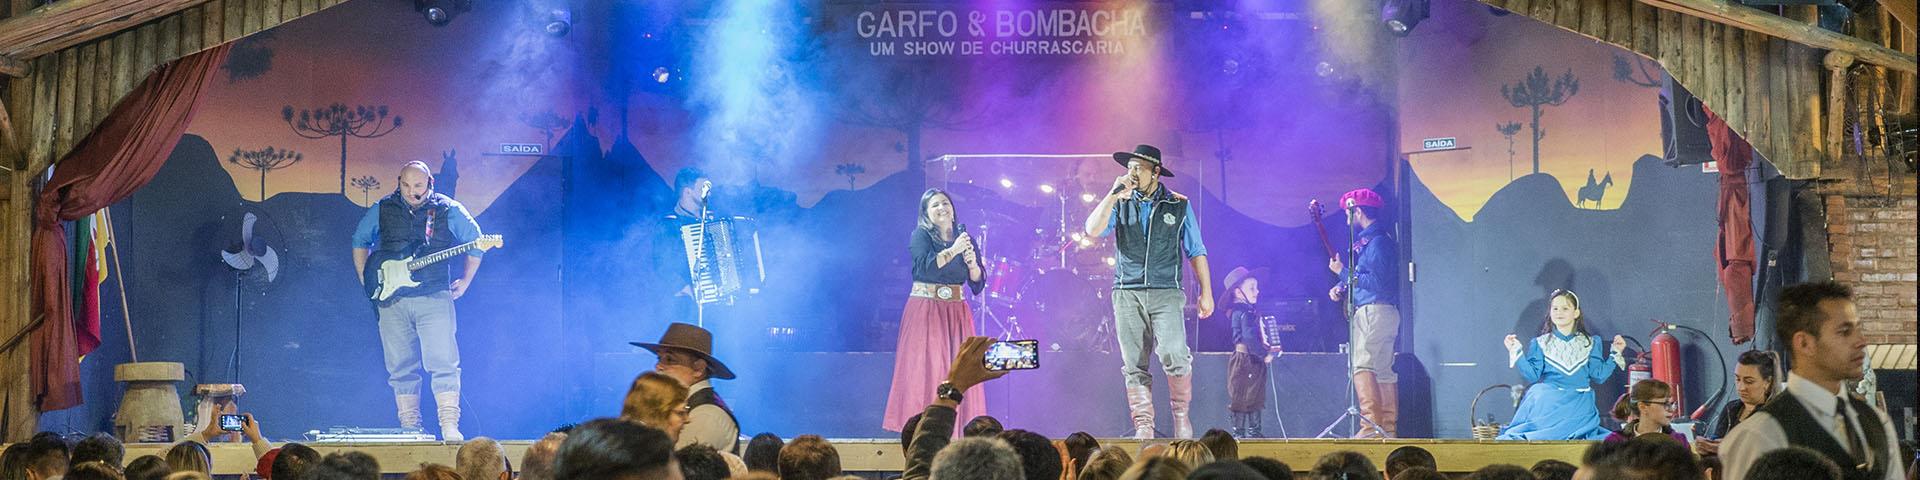 Garfo-e-Bombacha-Jantar-com-Show-Bonitour-Passeios-serra-gaucha-sc-6995417936.jpg